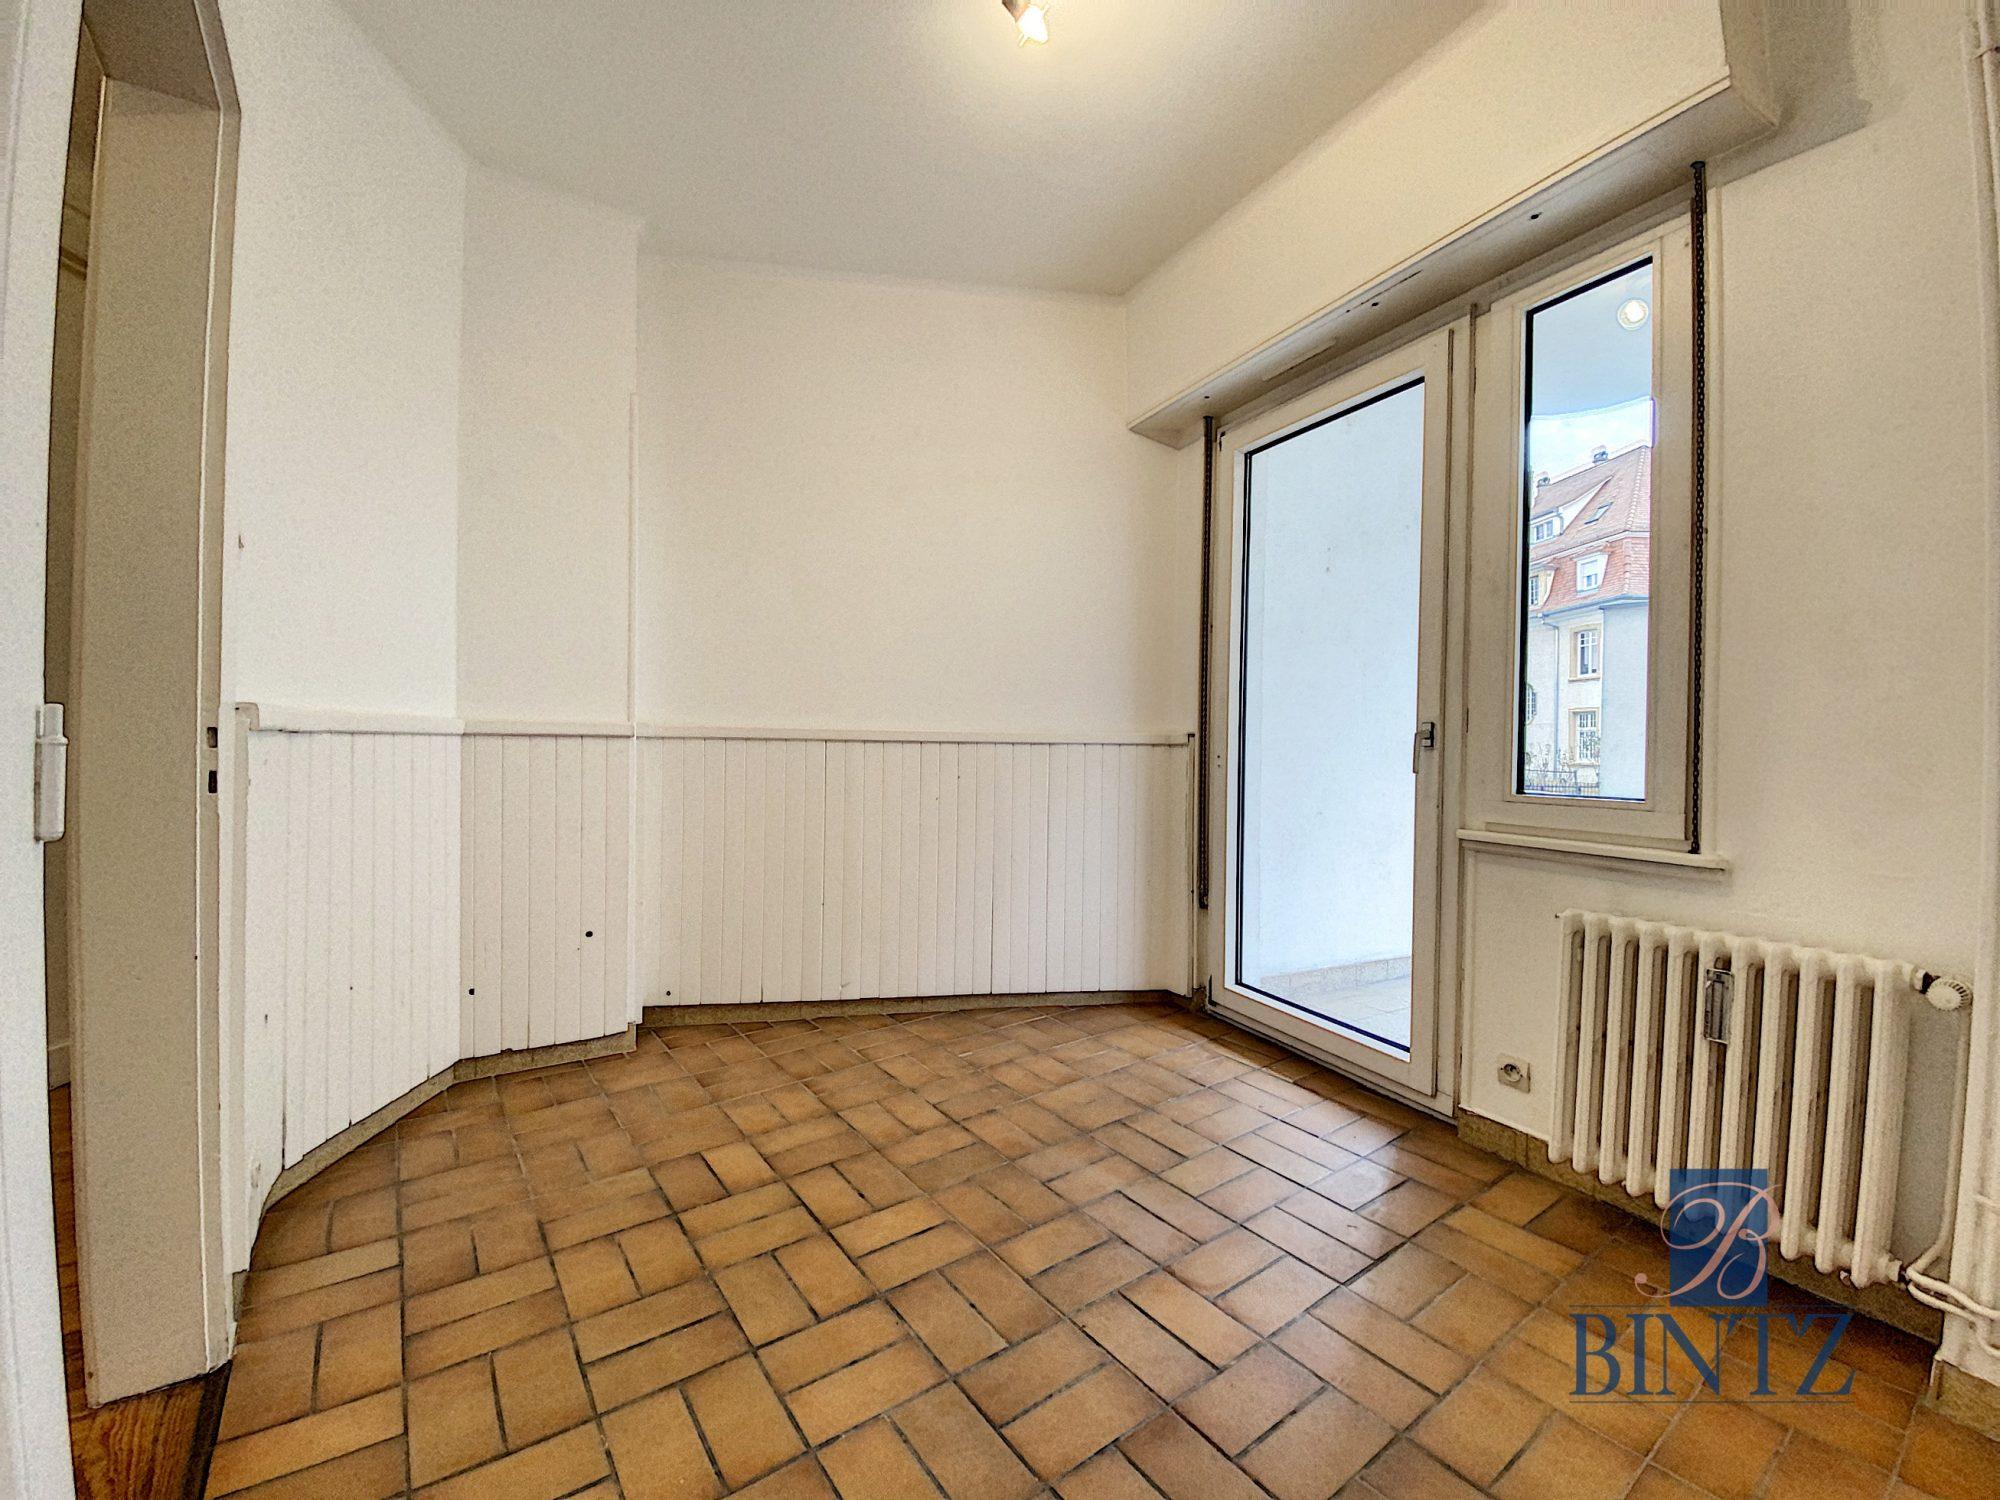 3P avec terrasse orangerie - Devenez locataire en toute sérénité - Bintz Immobilier - 6